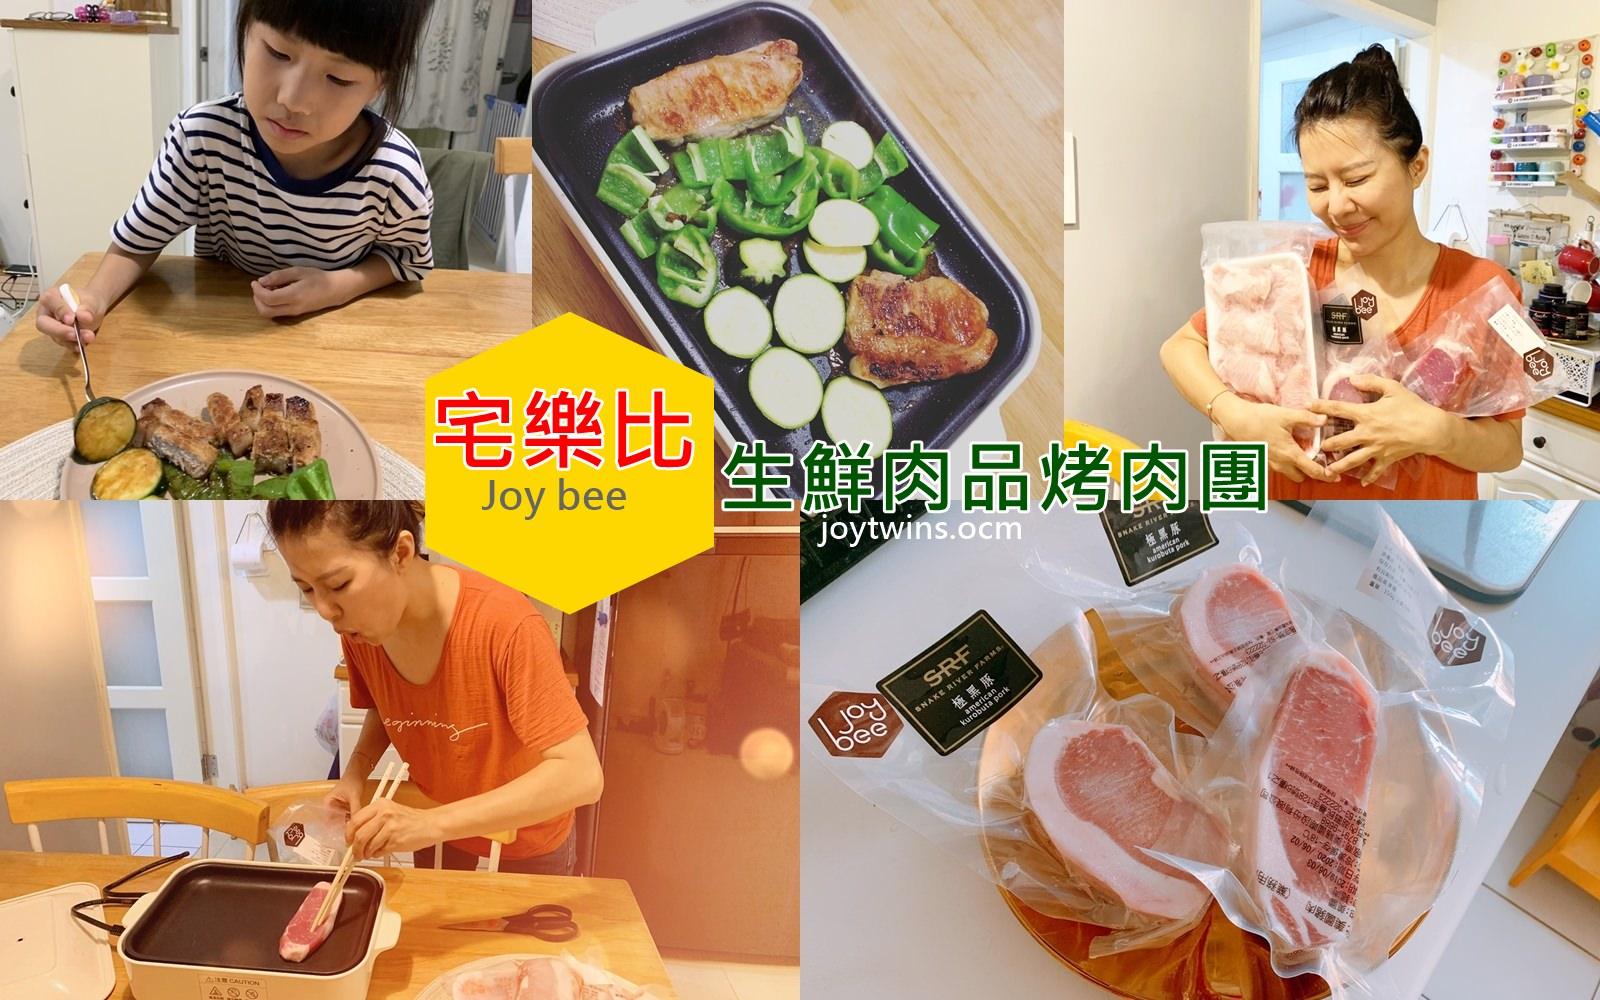 【美食團】宅樂比生鮮肉品 中秋烤肉首選 品質一等一